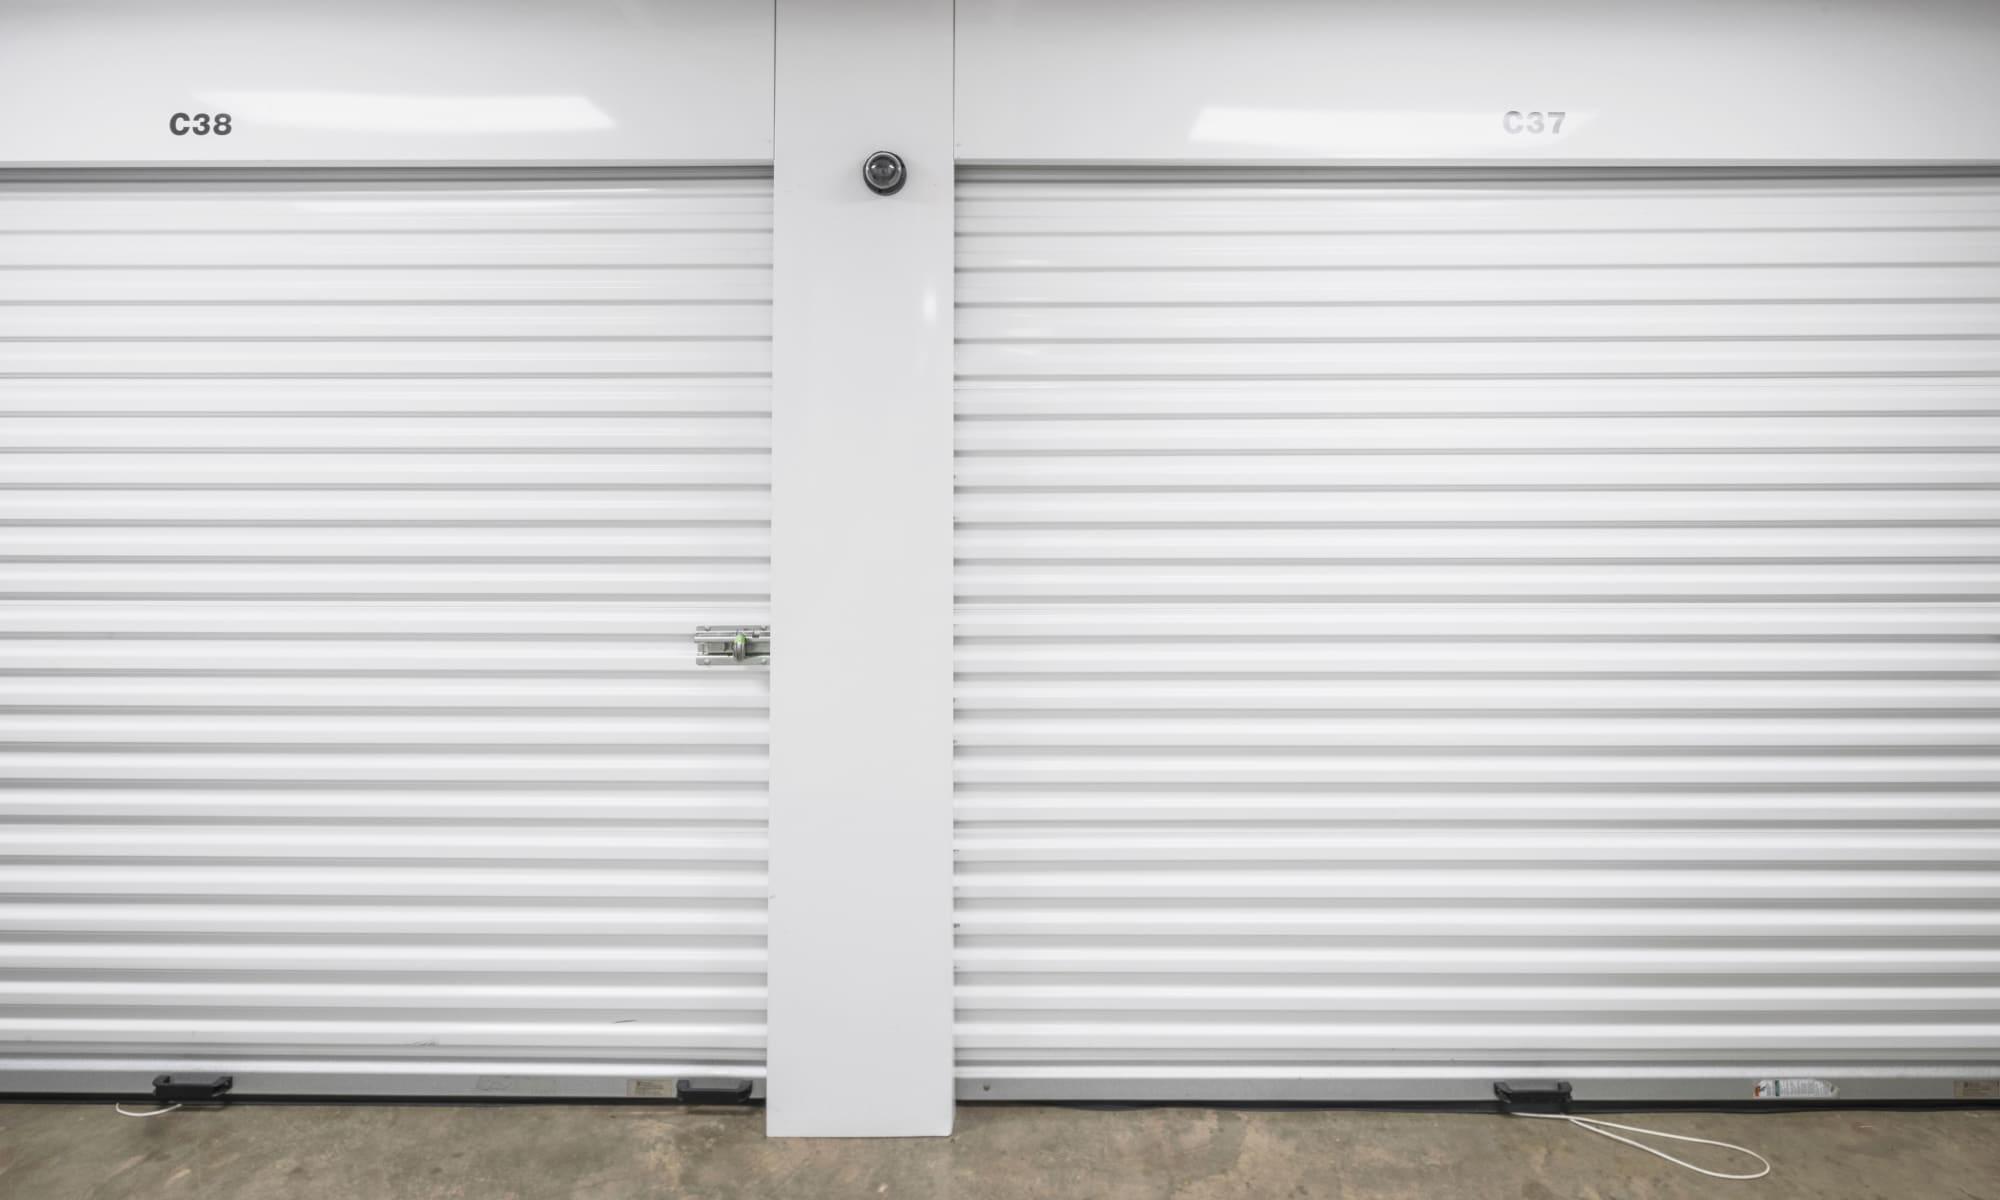 Citizen Storage offers self storage in Bartlett, Tennessee